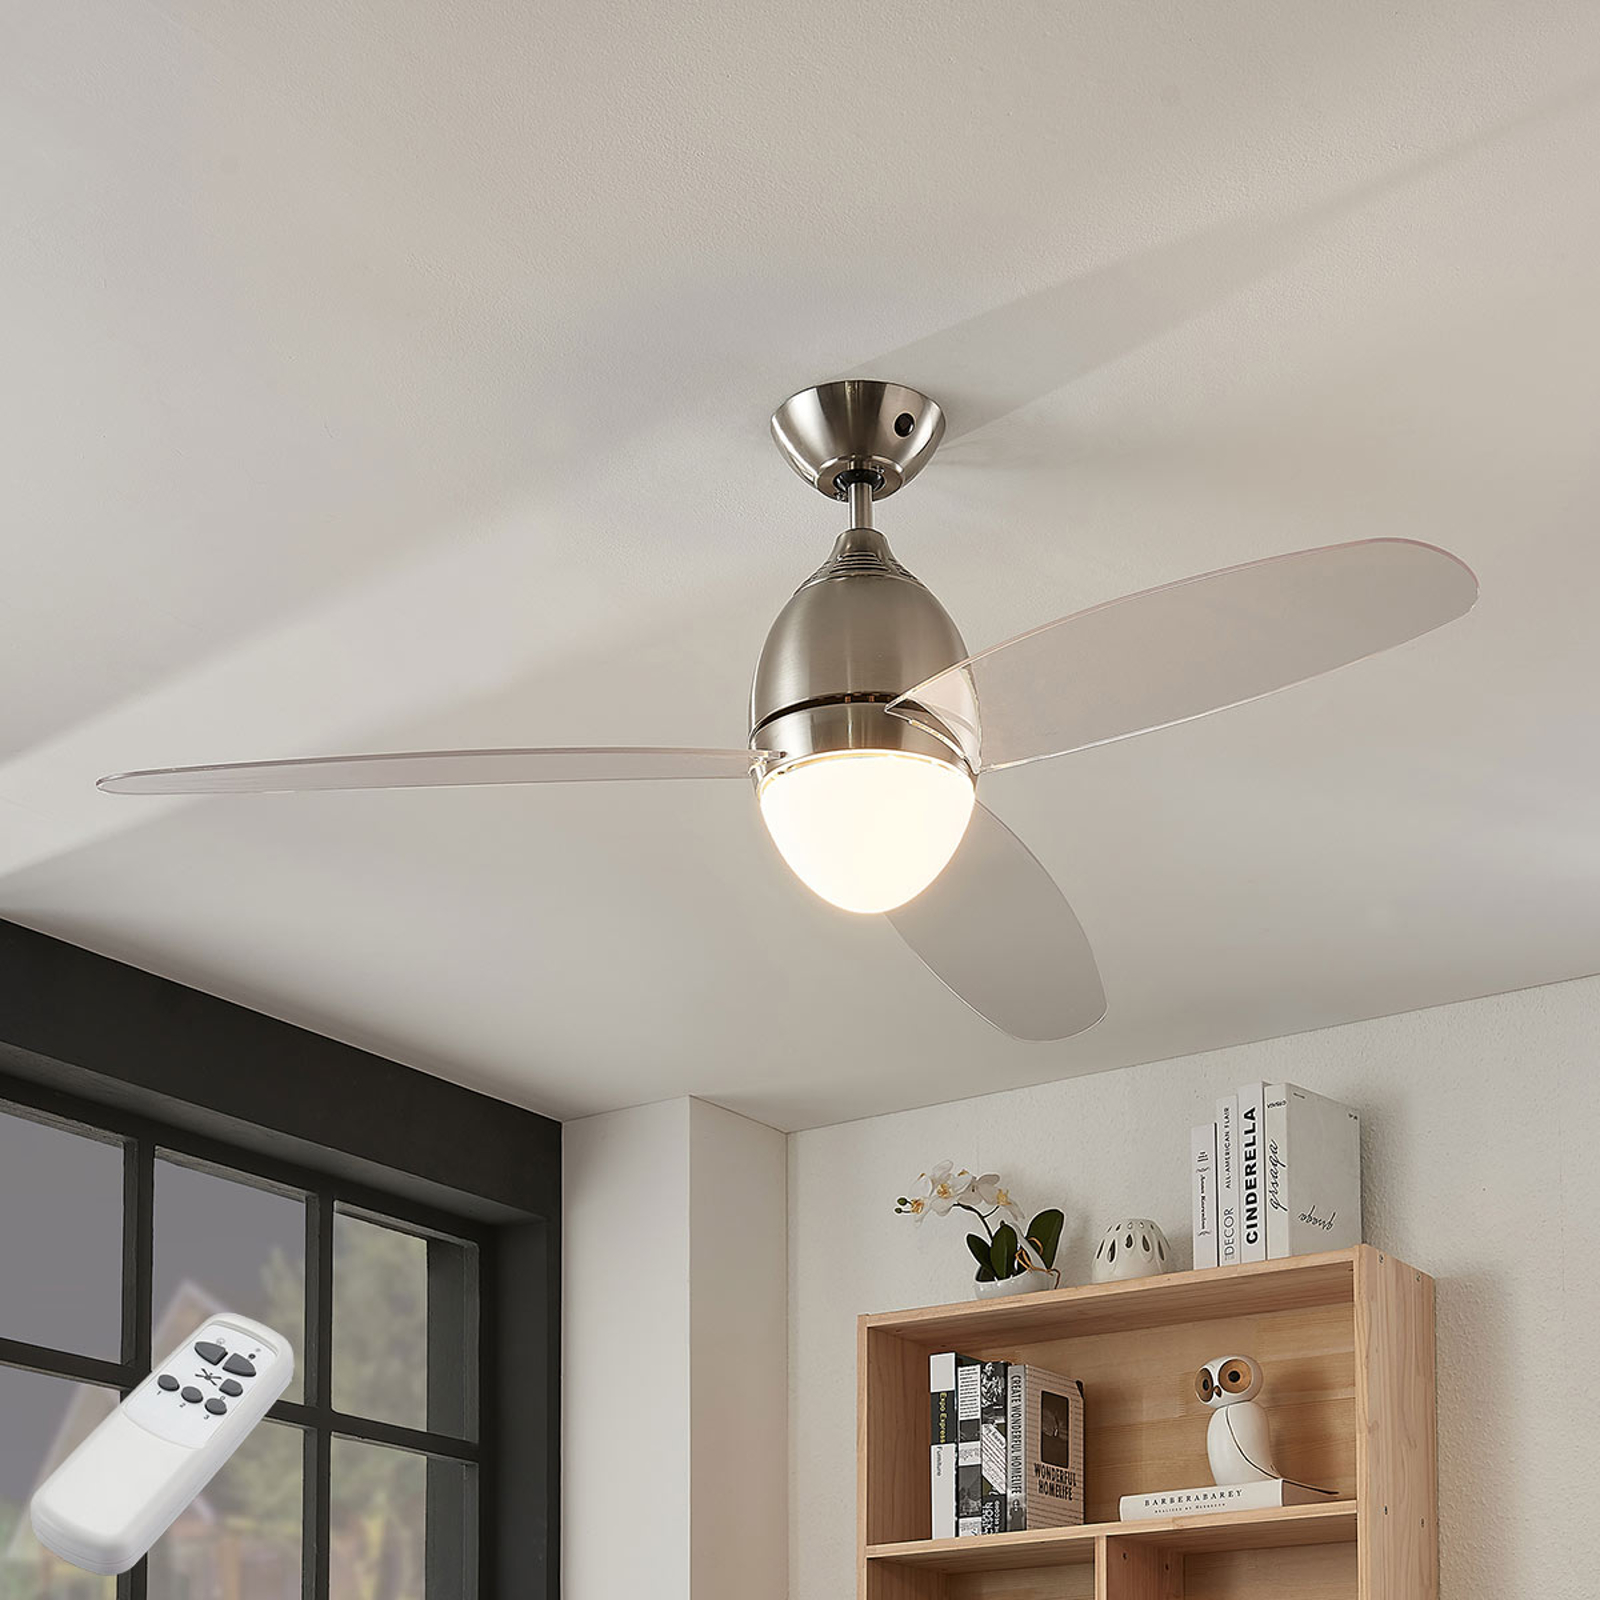 Stropní ventilátor Piara, osvětlení, čirý